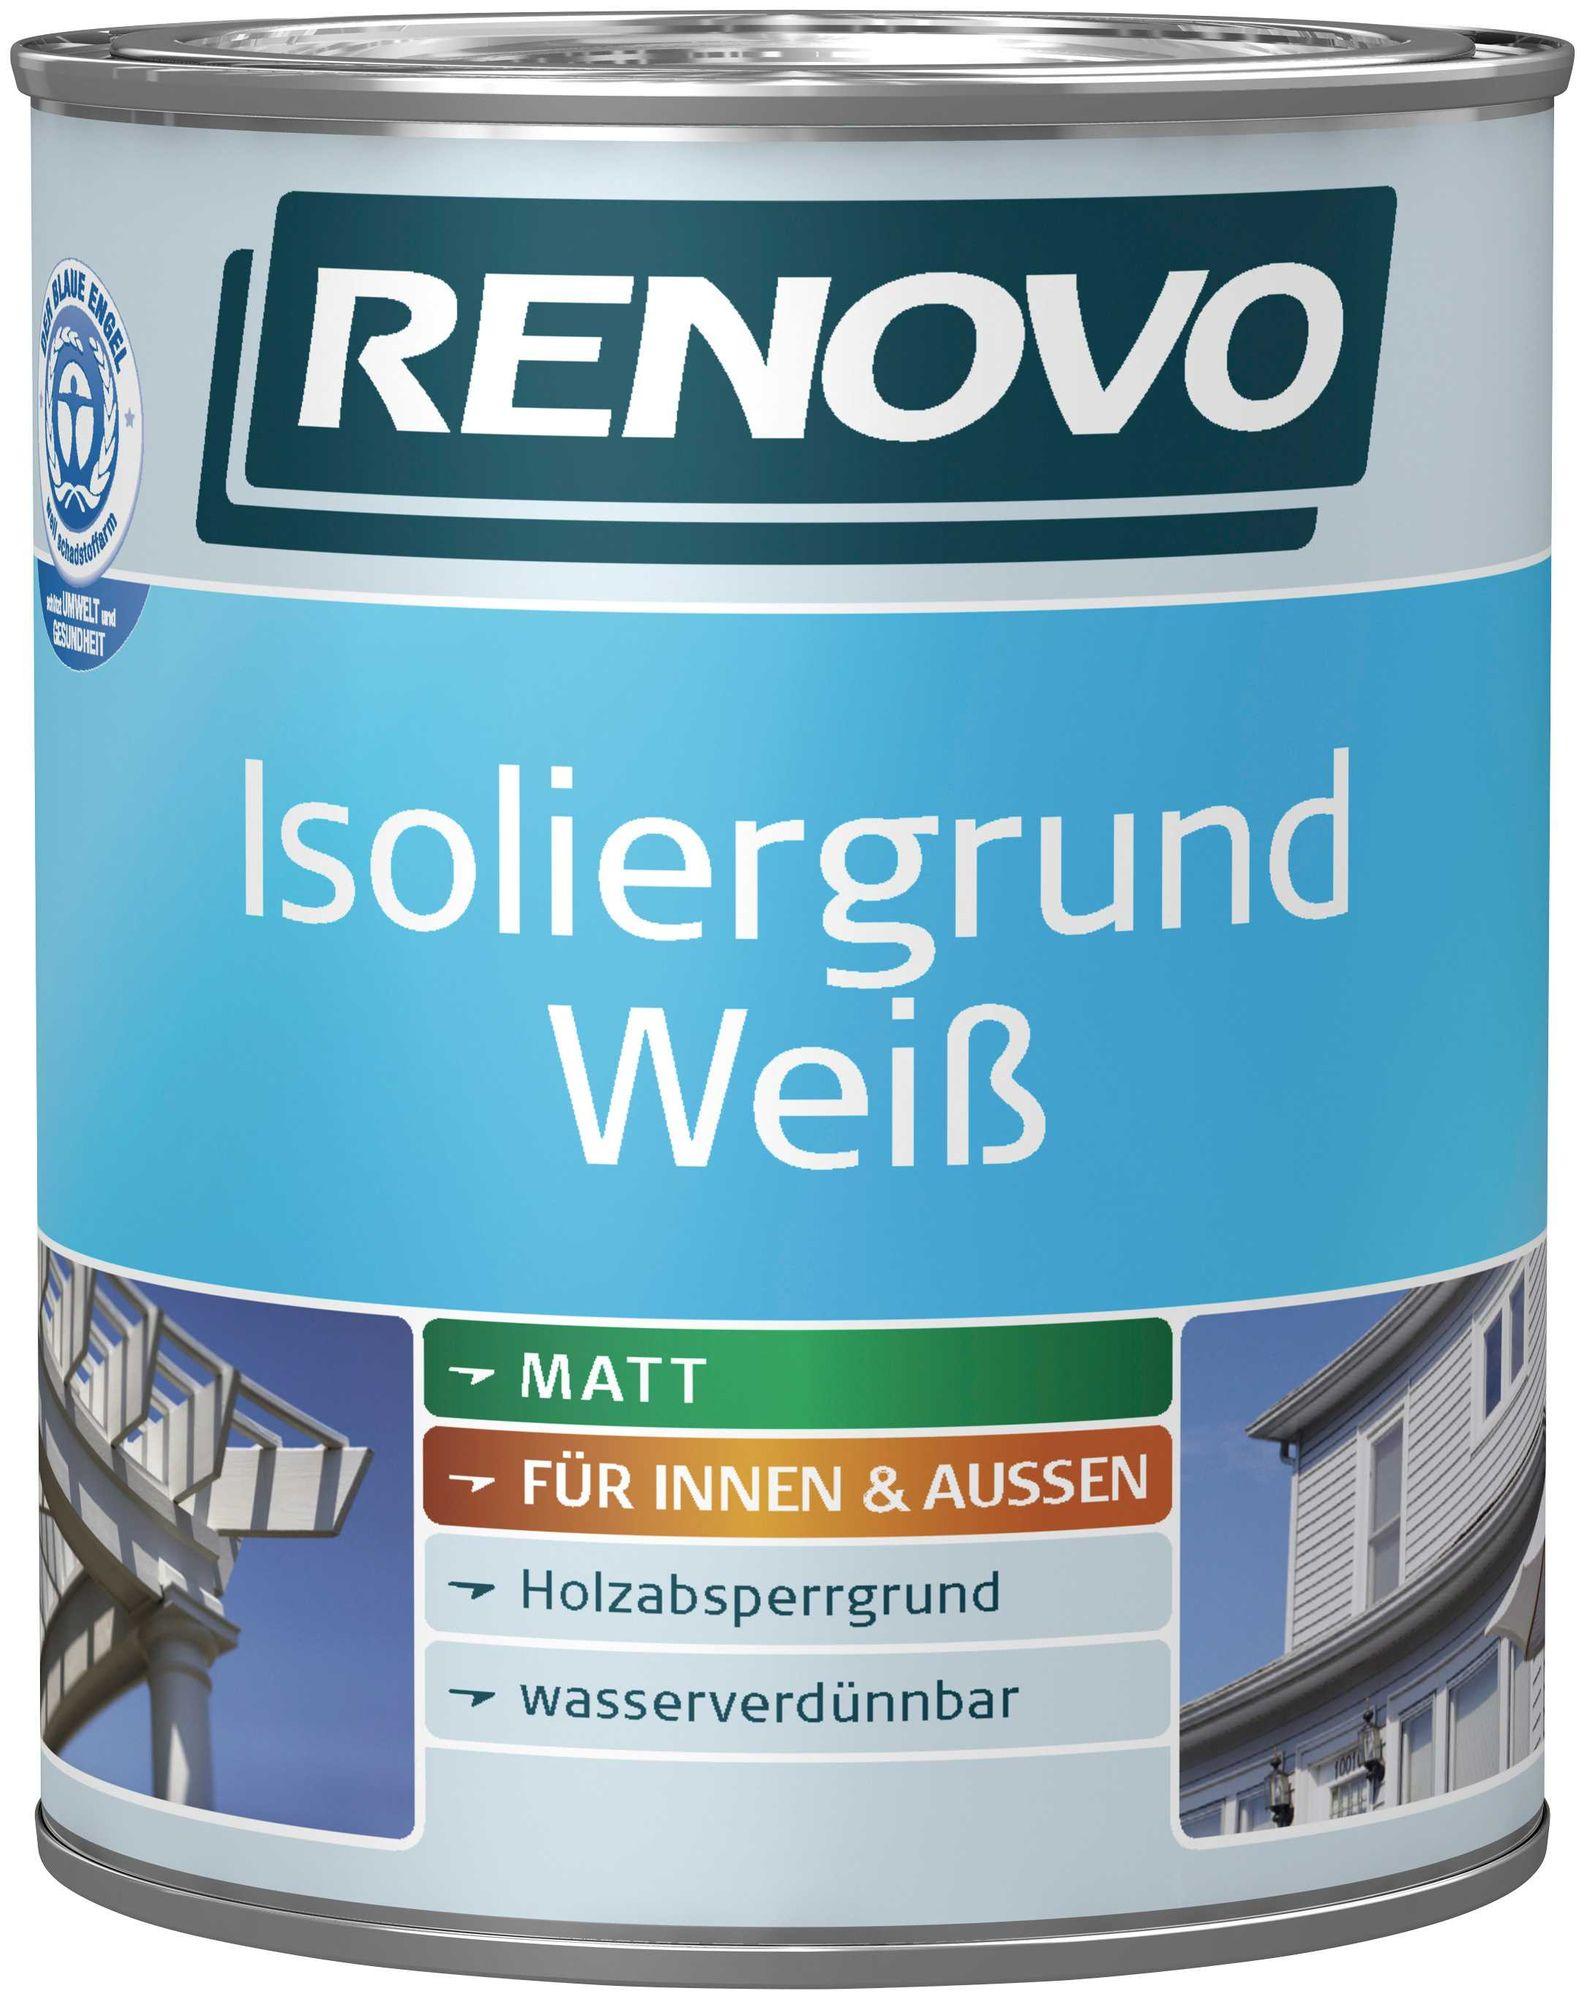 Renovo Isoliergrund Weiss Holz 2,5 L Innen/außen